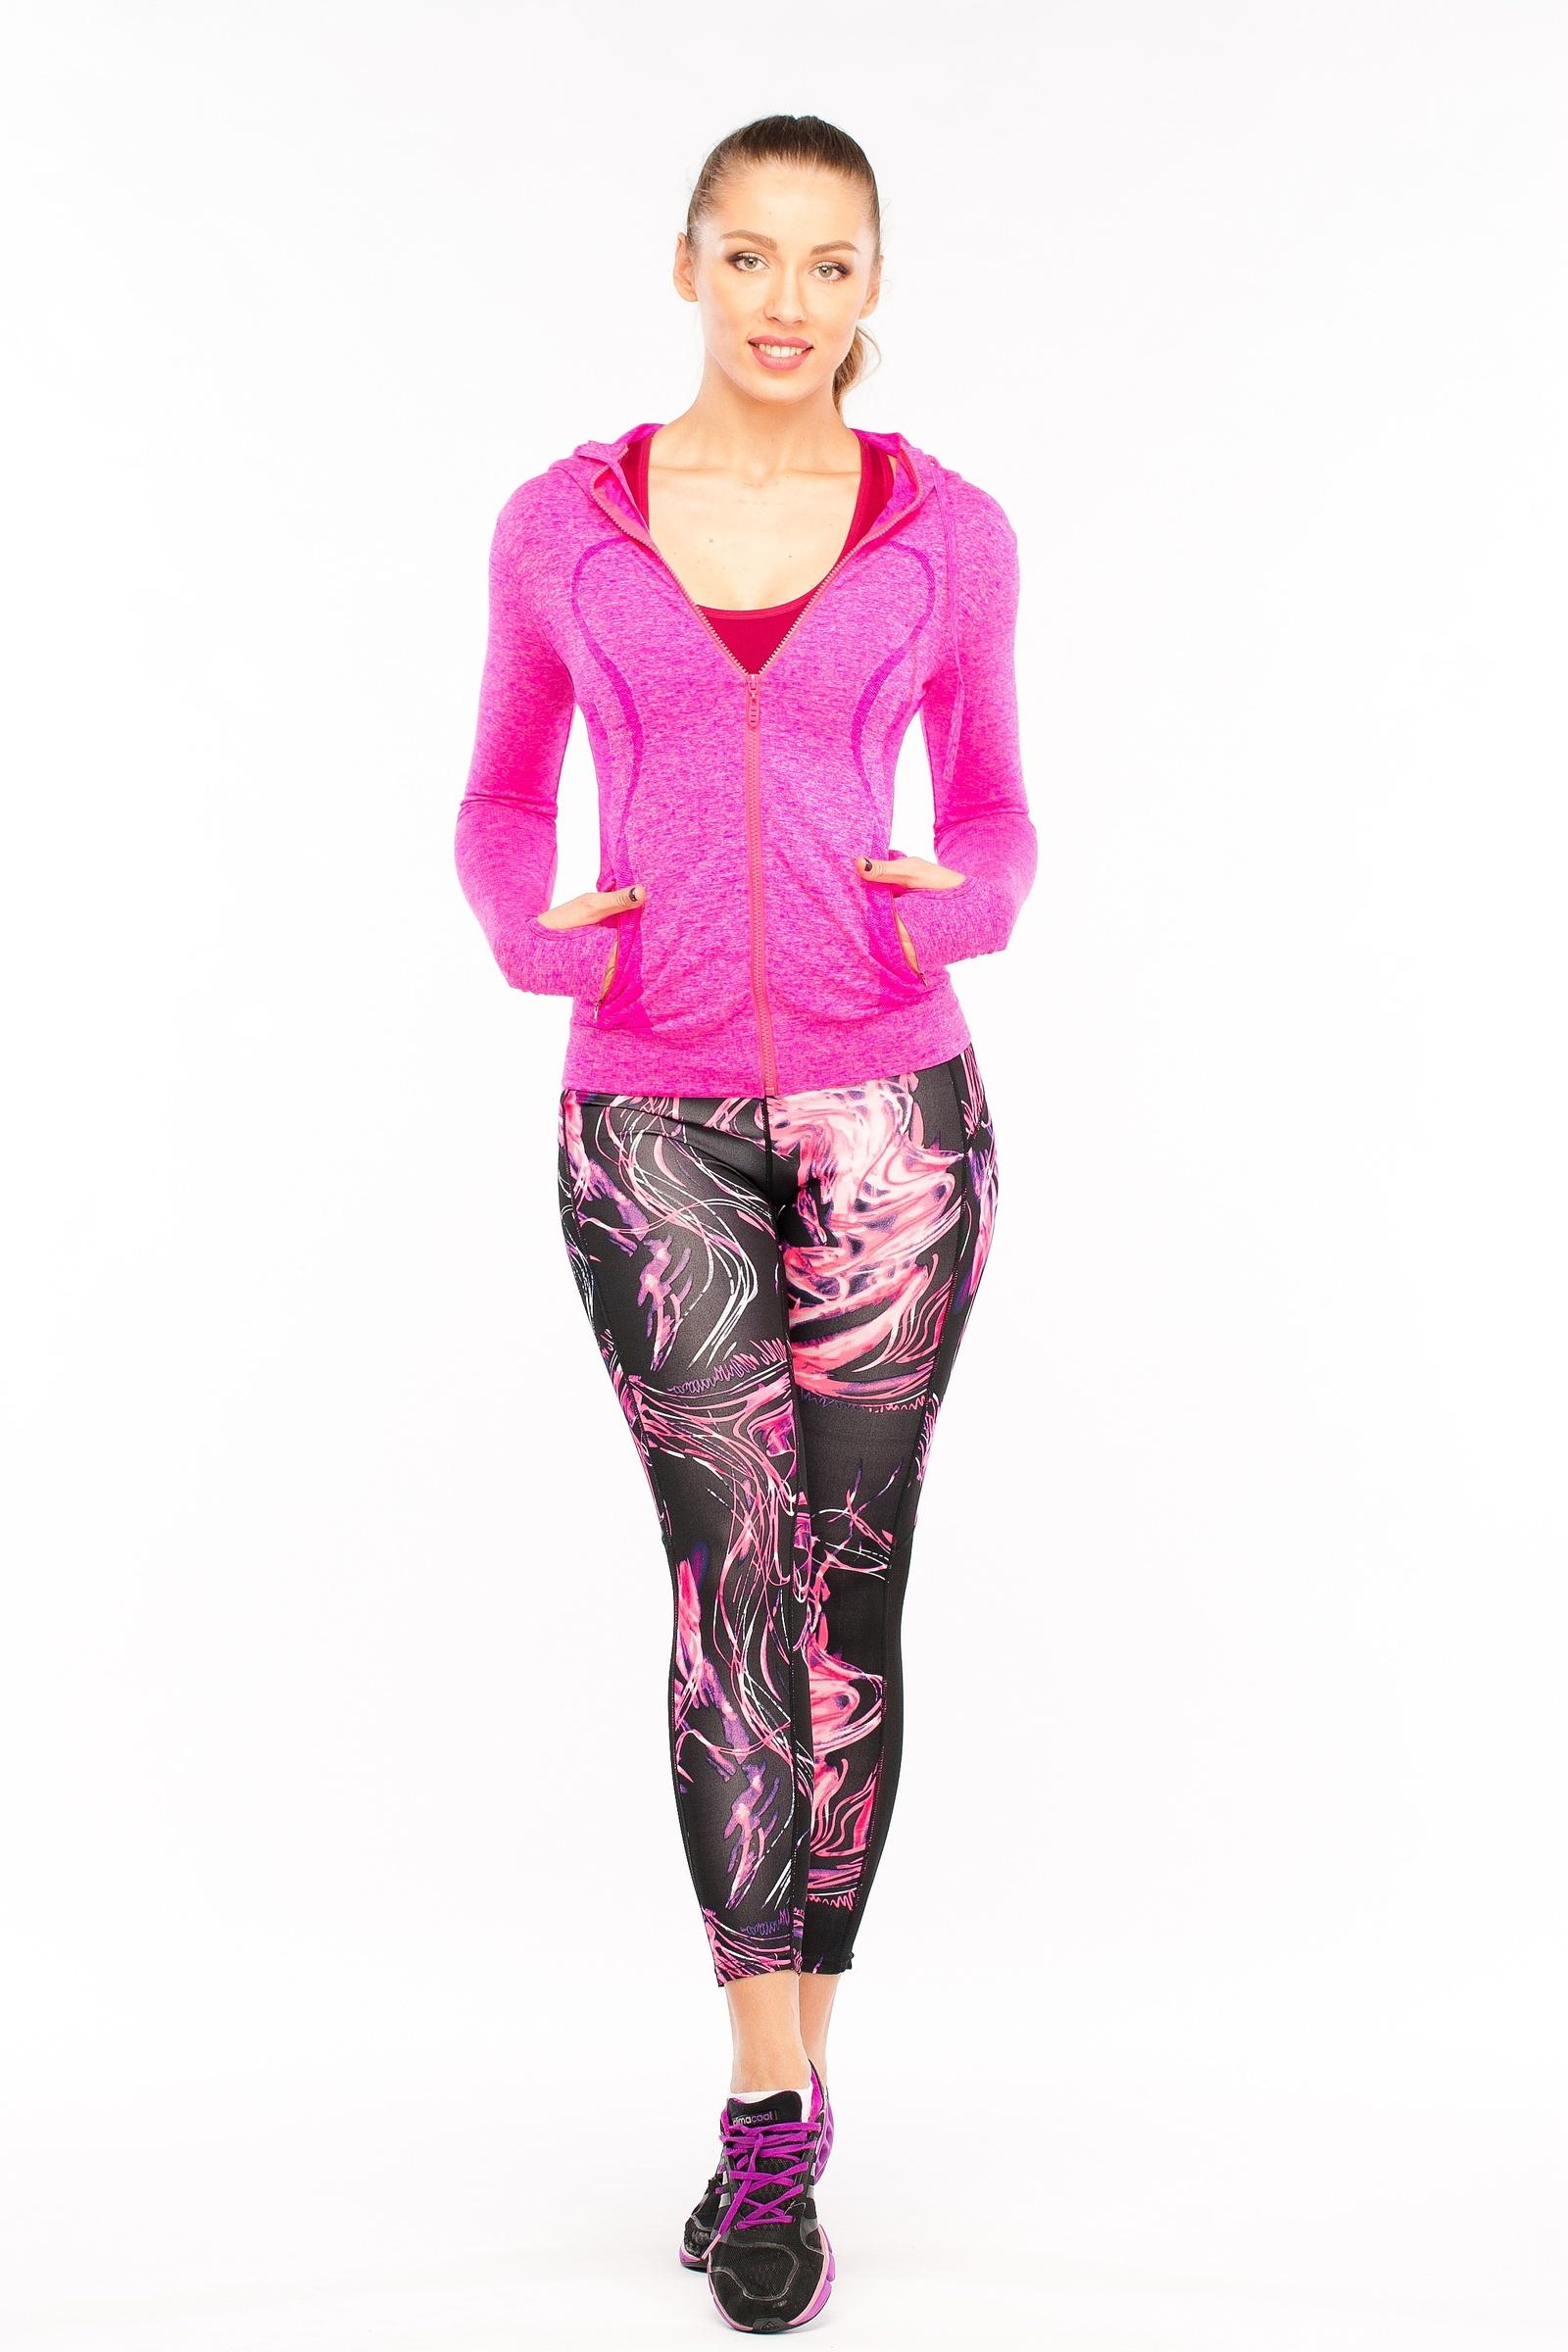 Толстовка Pro-fit219 PINK (M)Споривная толстовка для фитнеса, пробежки, йоги и т.д.